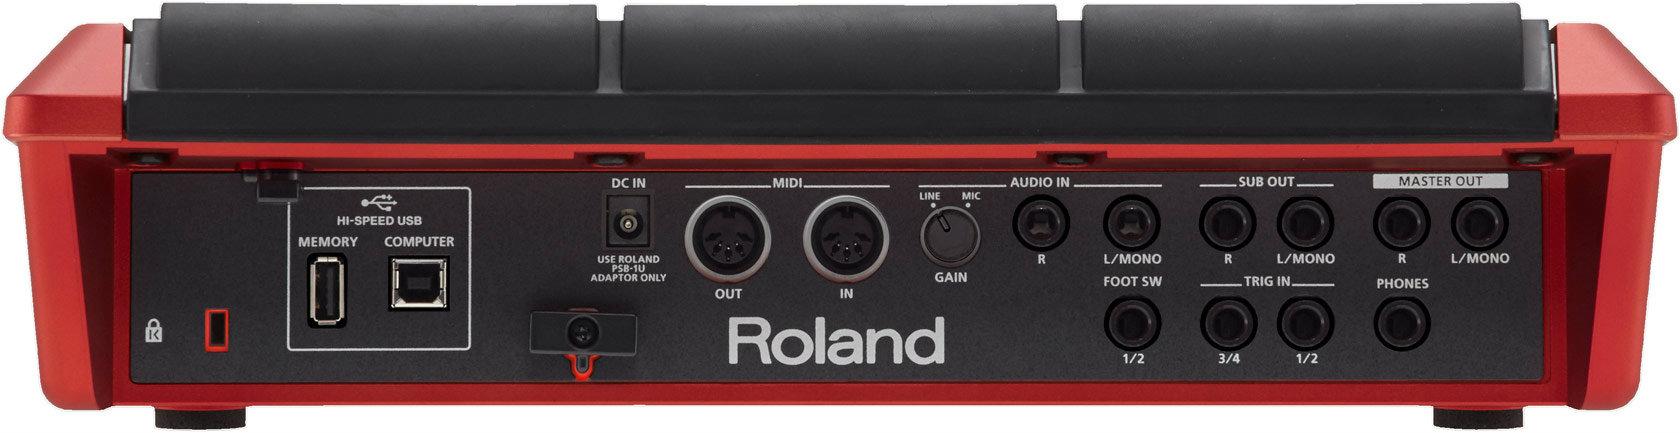 SPD SX Roland